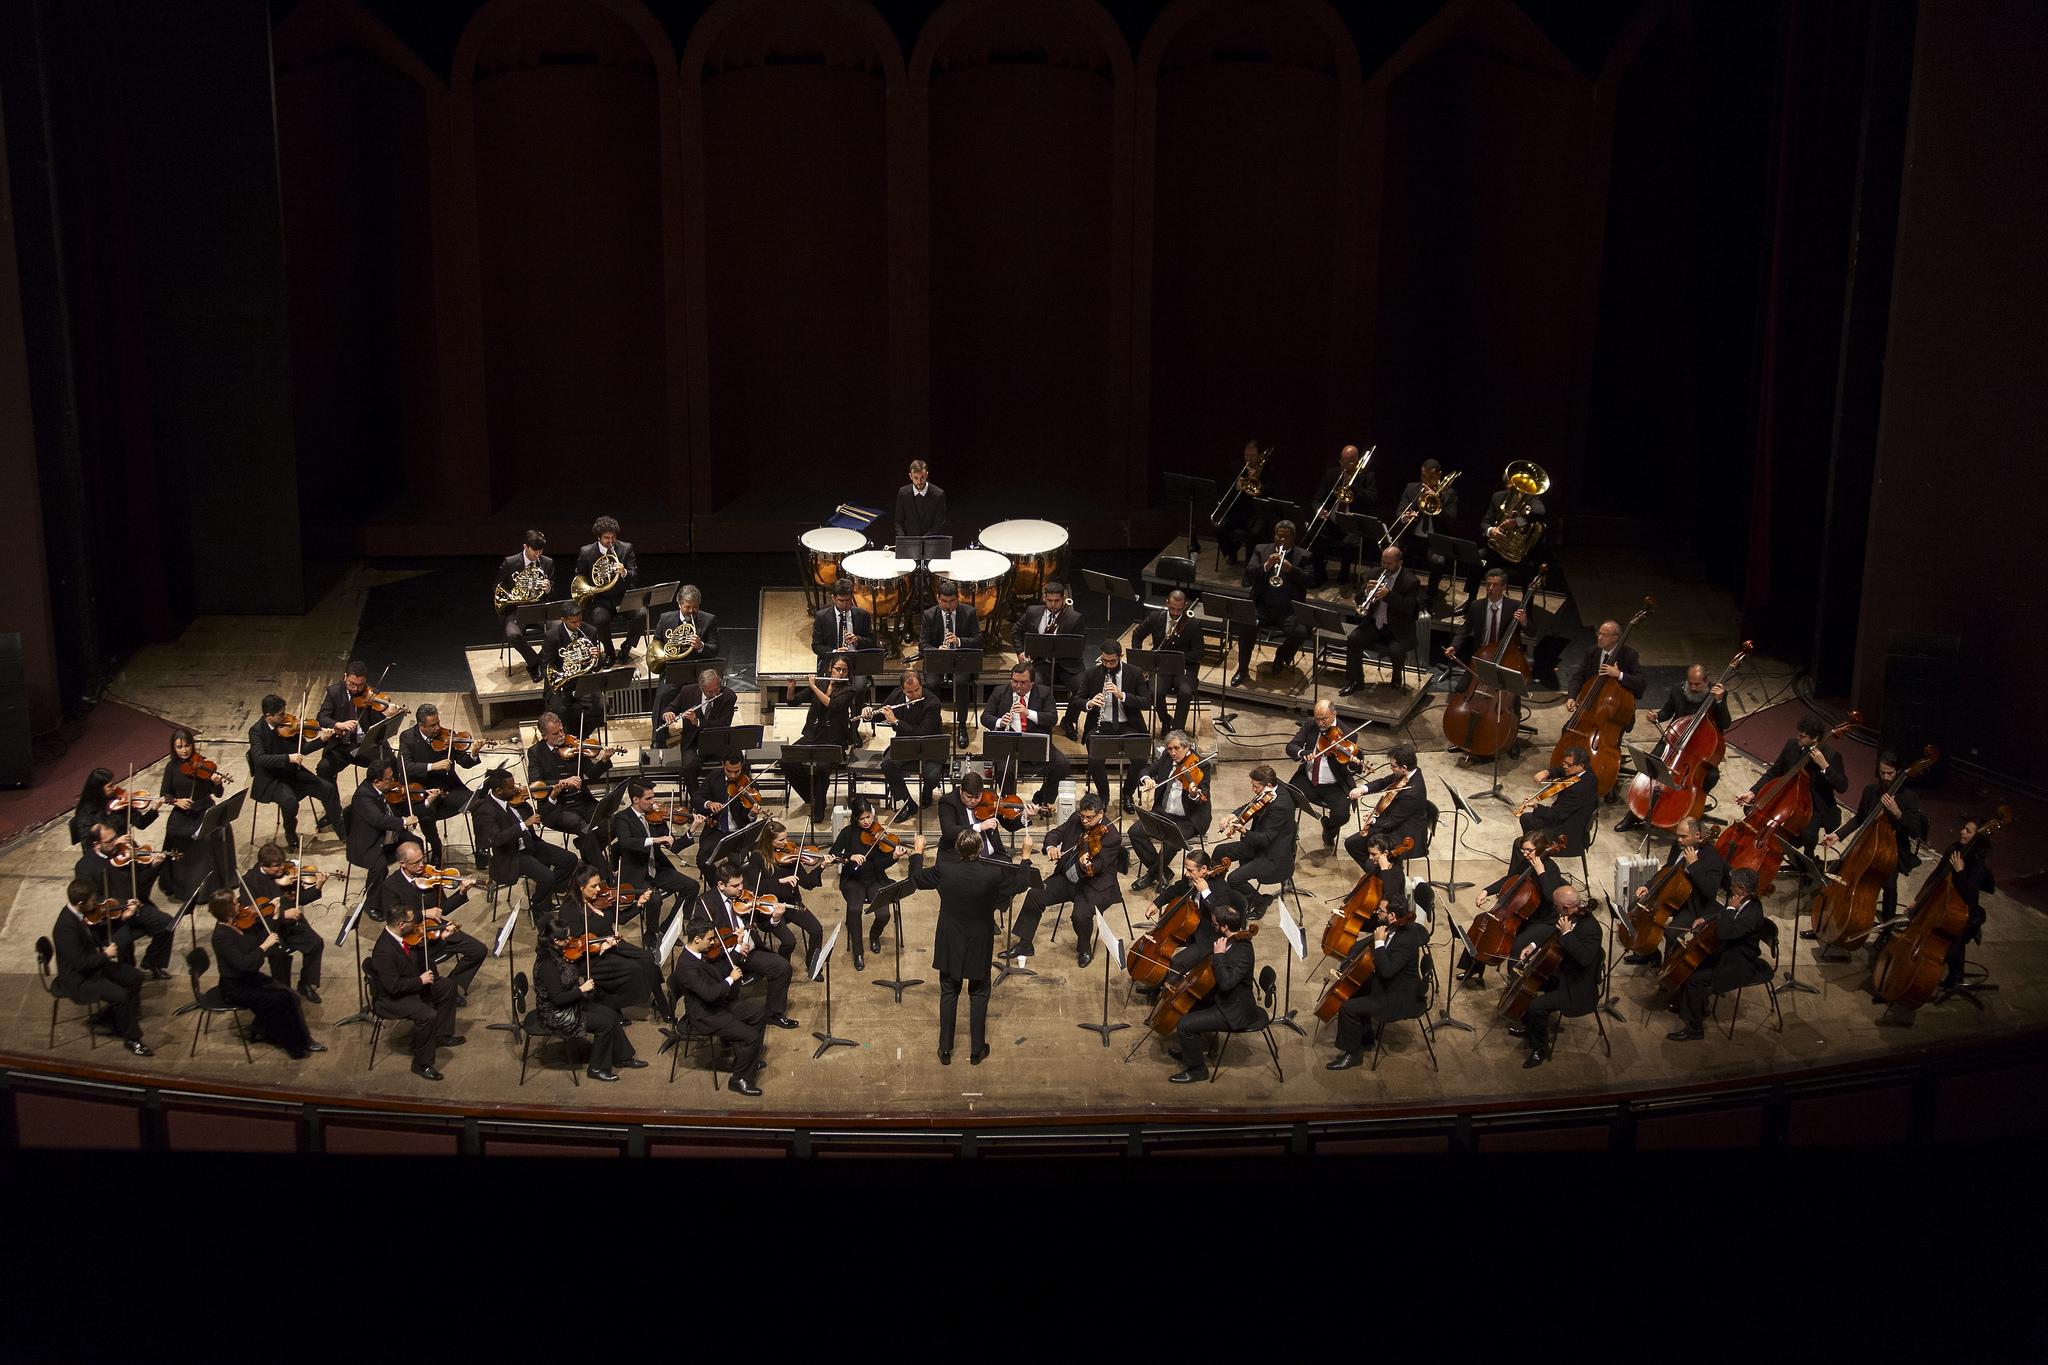 Ópera infantil João e Maria tem orquestra ao vivo e legenda para as canções